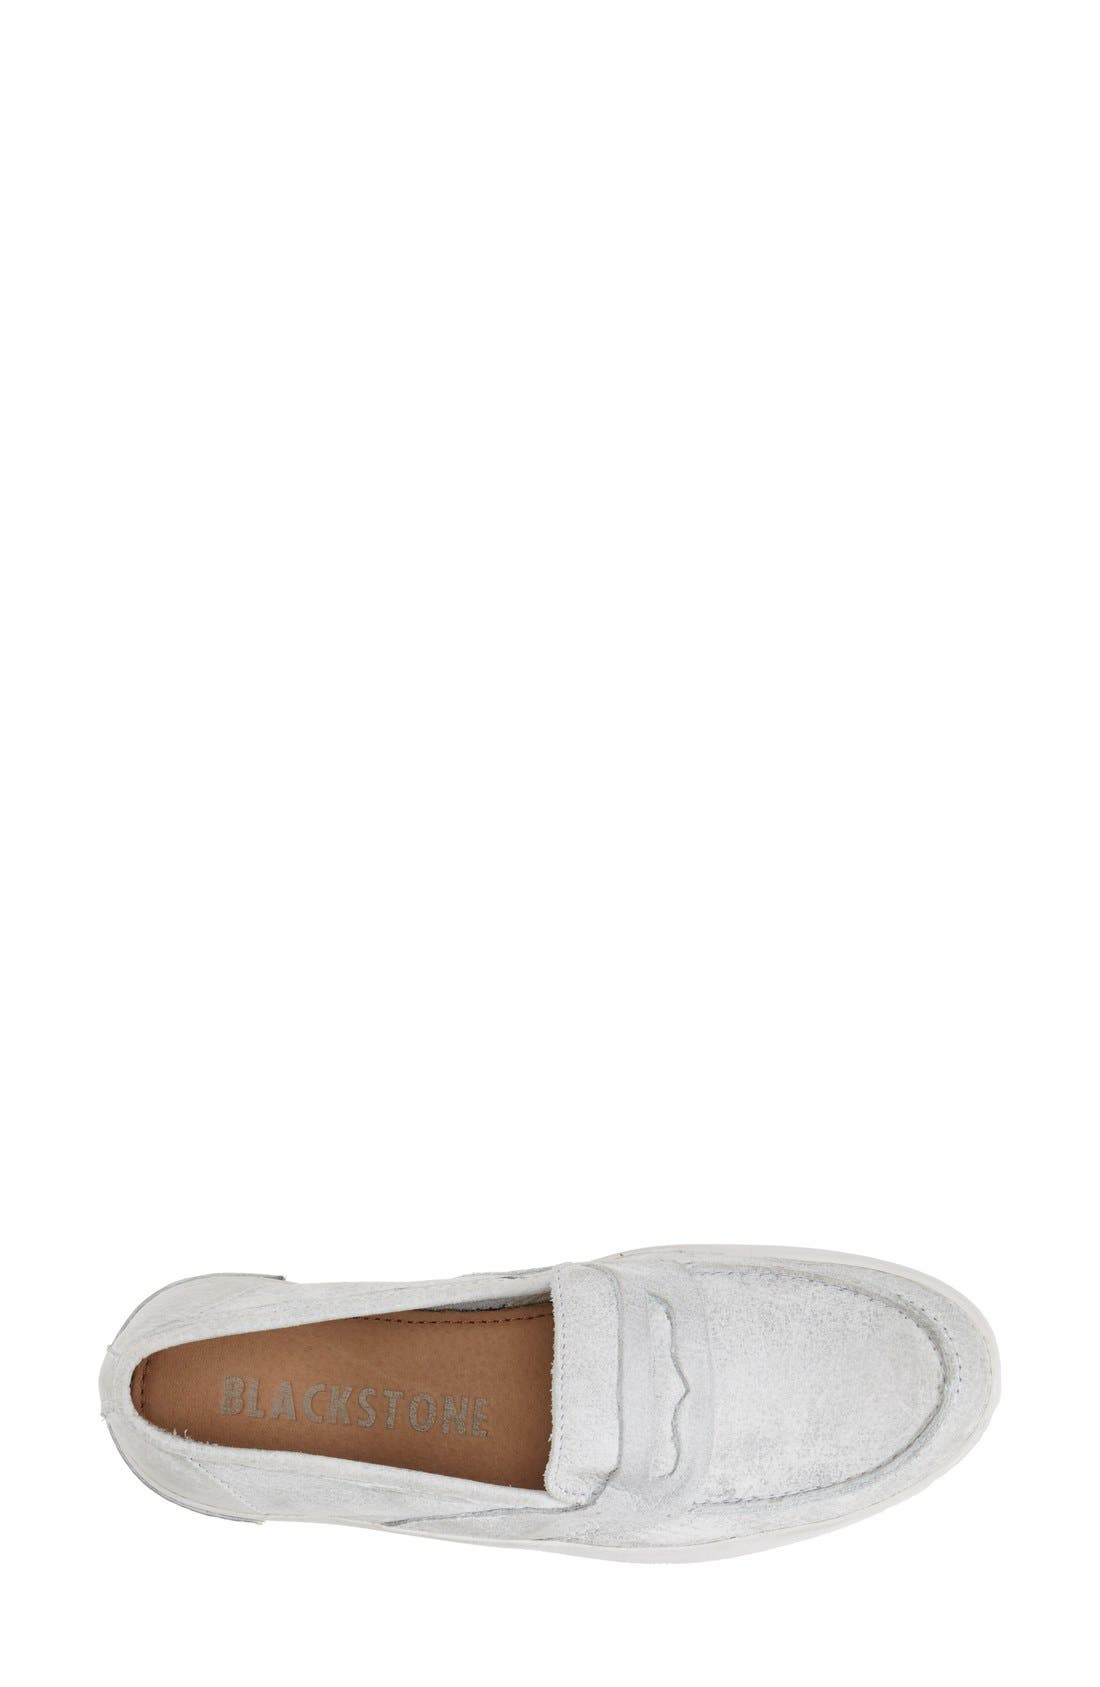 'JL23' Slip-On Sneaker,                             Alternate thumbnail 9, color,